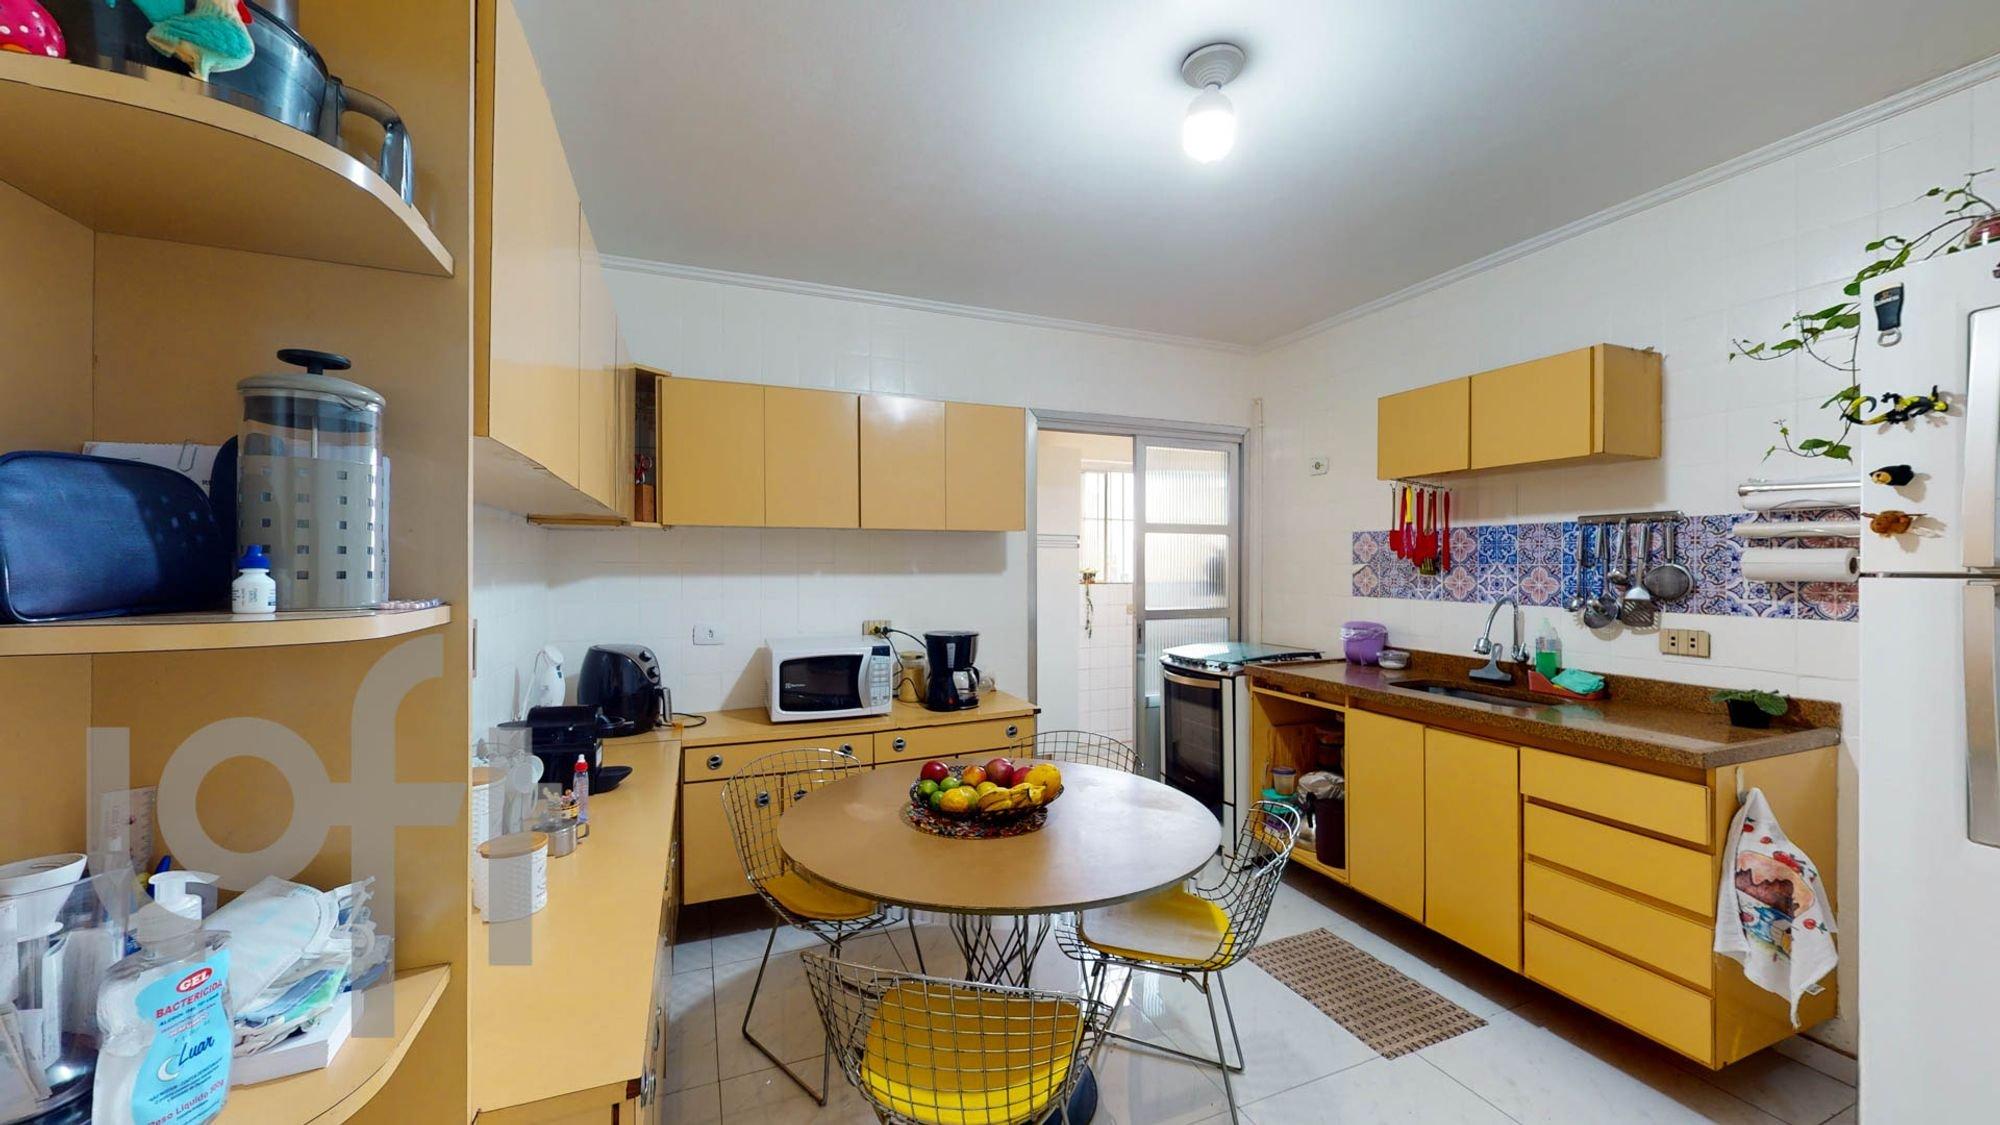 Foto de Cozinha com tigela, geladeira, cadeira, microondas